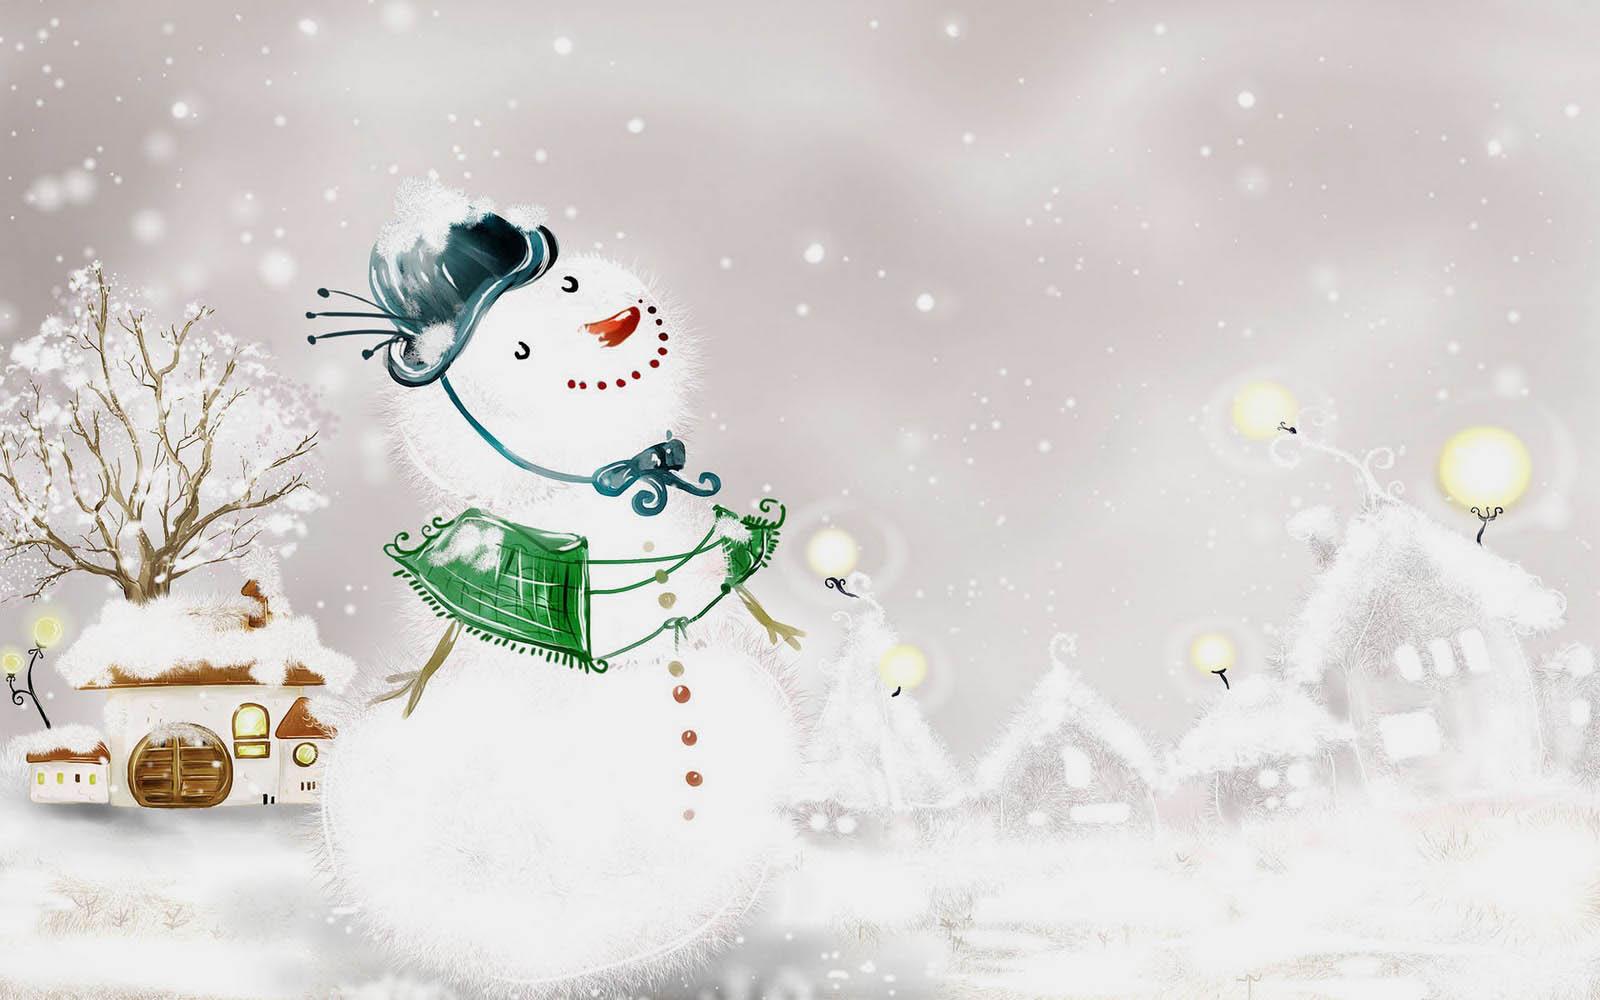 Gallery Mangklex Snowman Wallpapers 2013